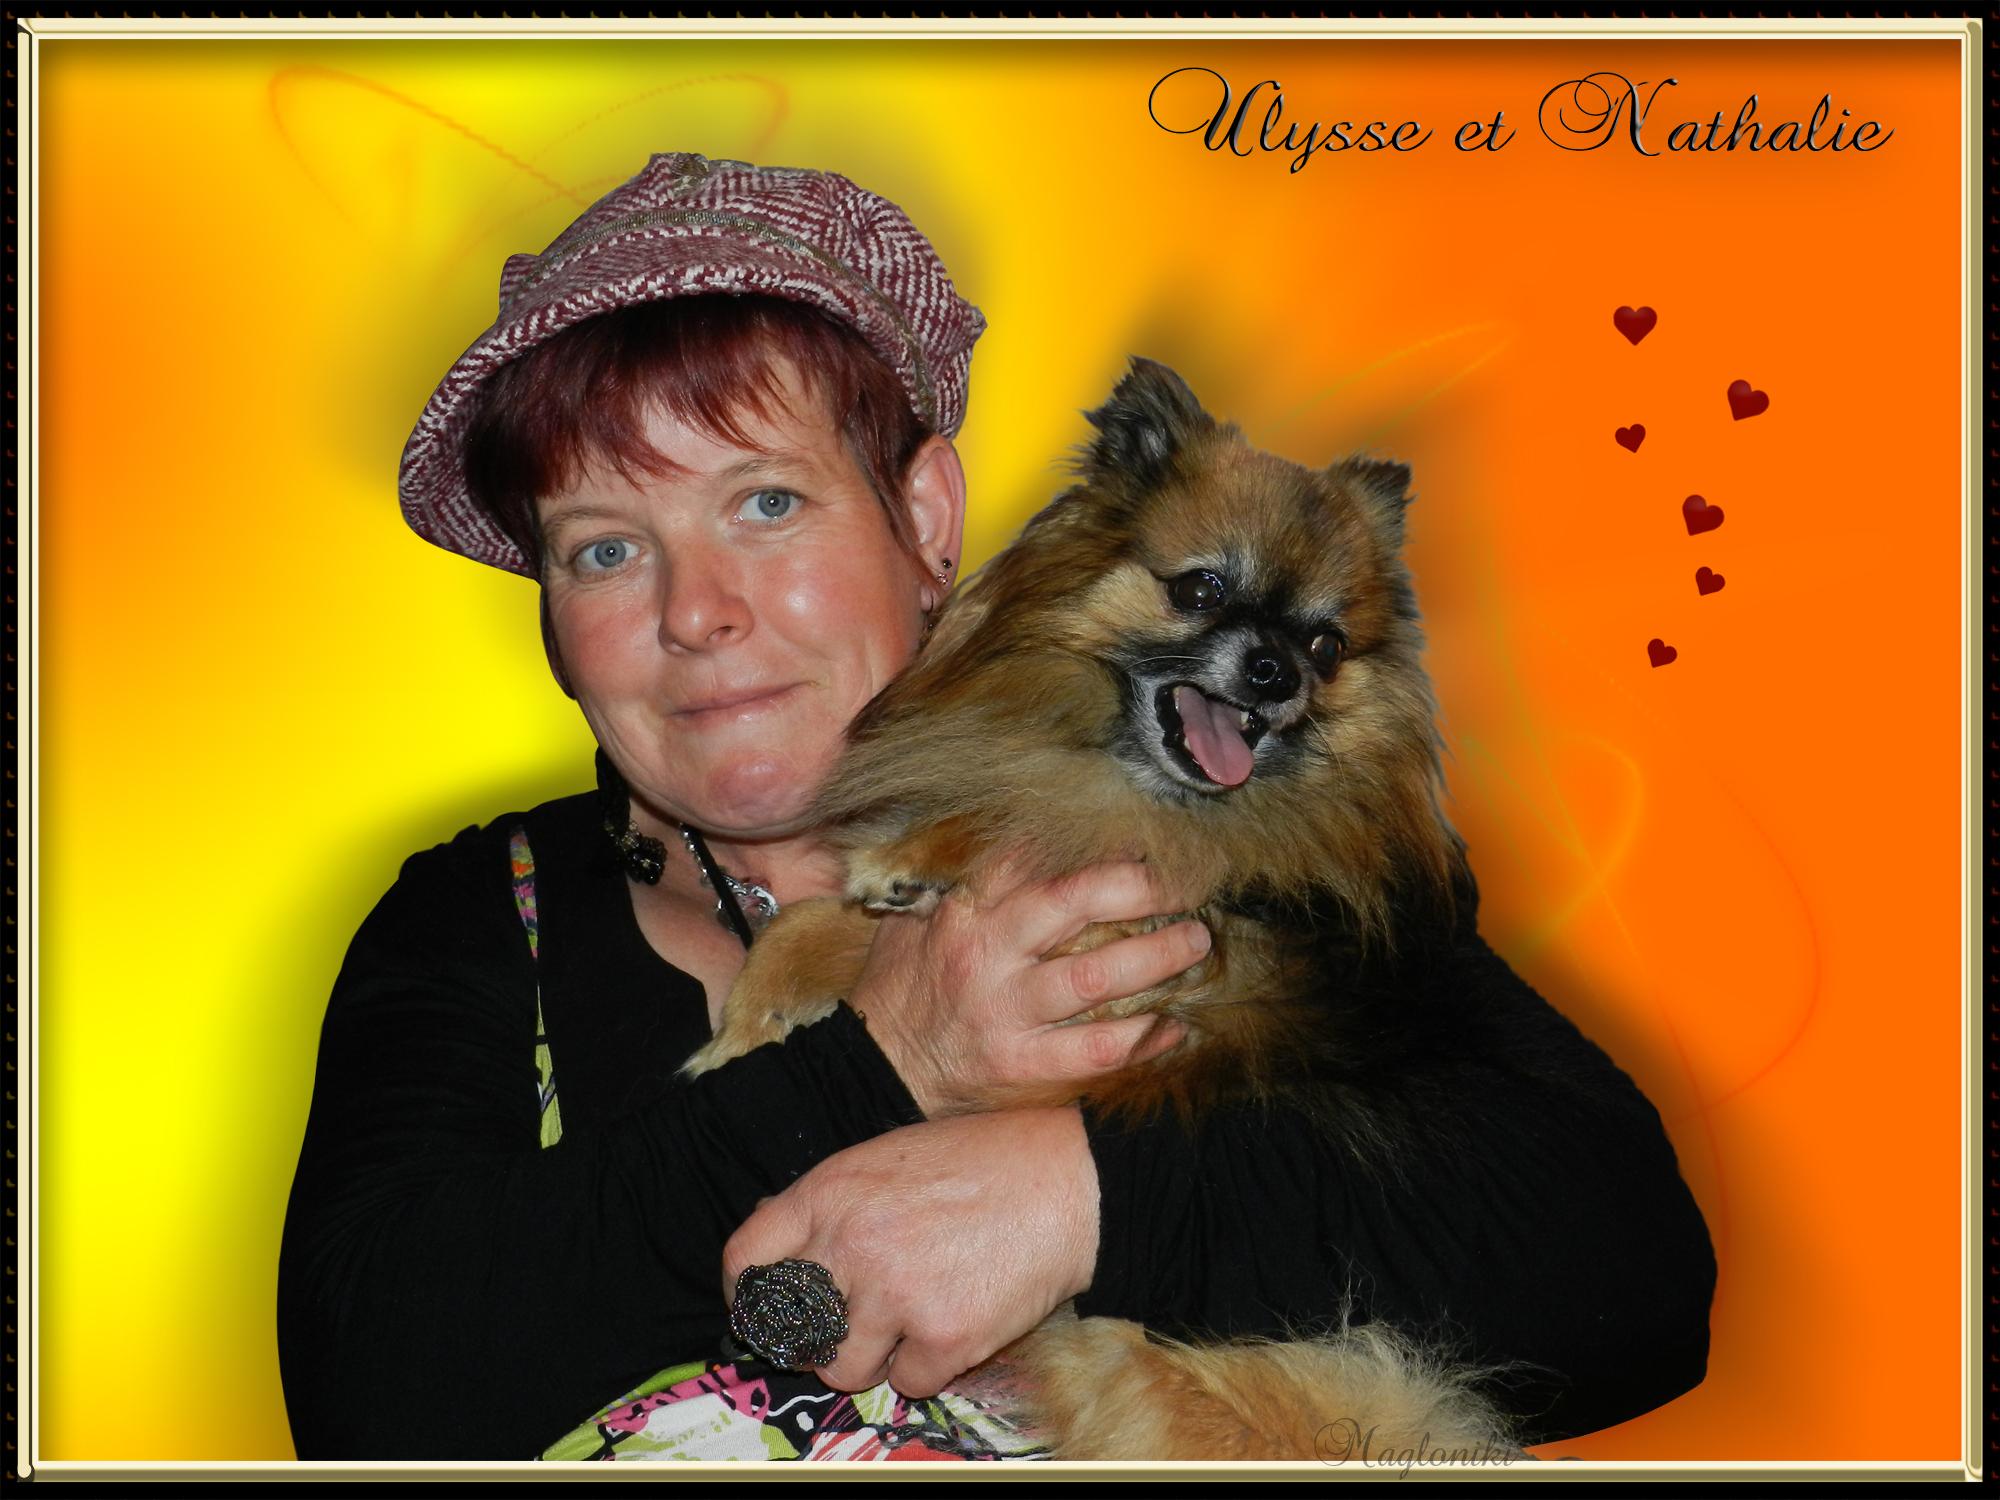 http://magali.leroy3.free.fr/tmnfmod/ASSOCIATION%20FILLERETTE/Nathalie/DSCN0037bis.jpg